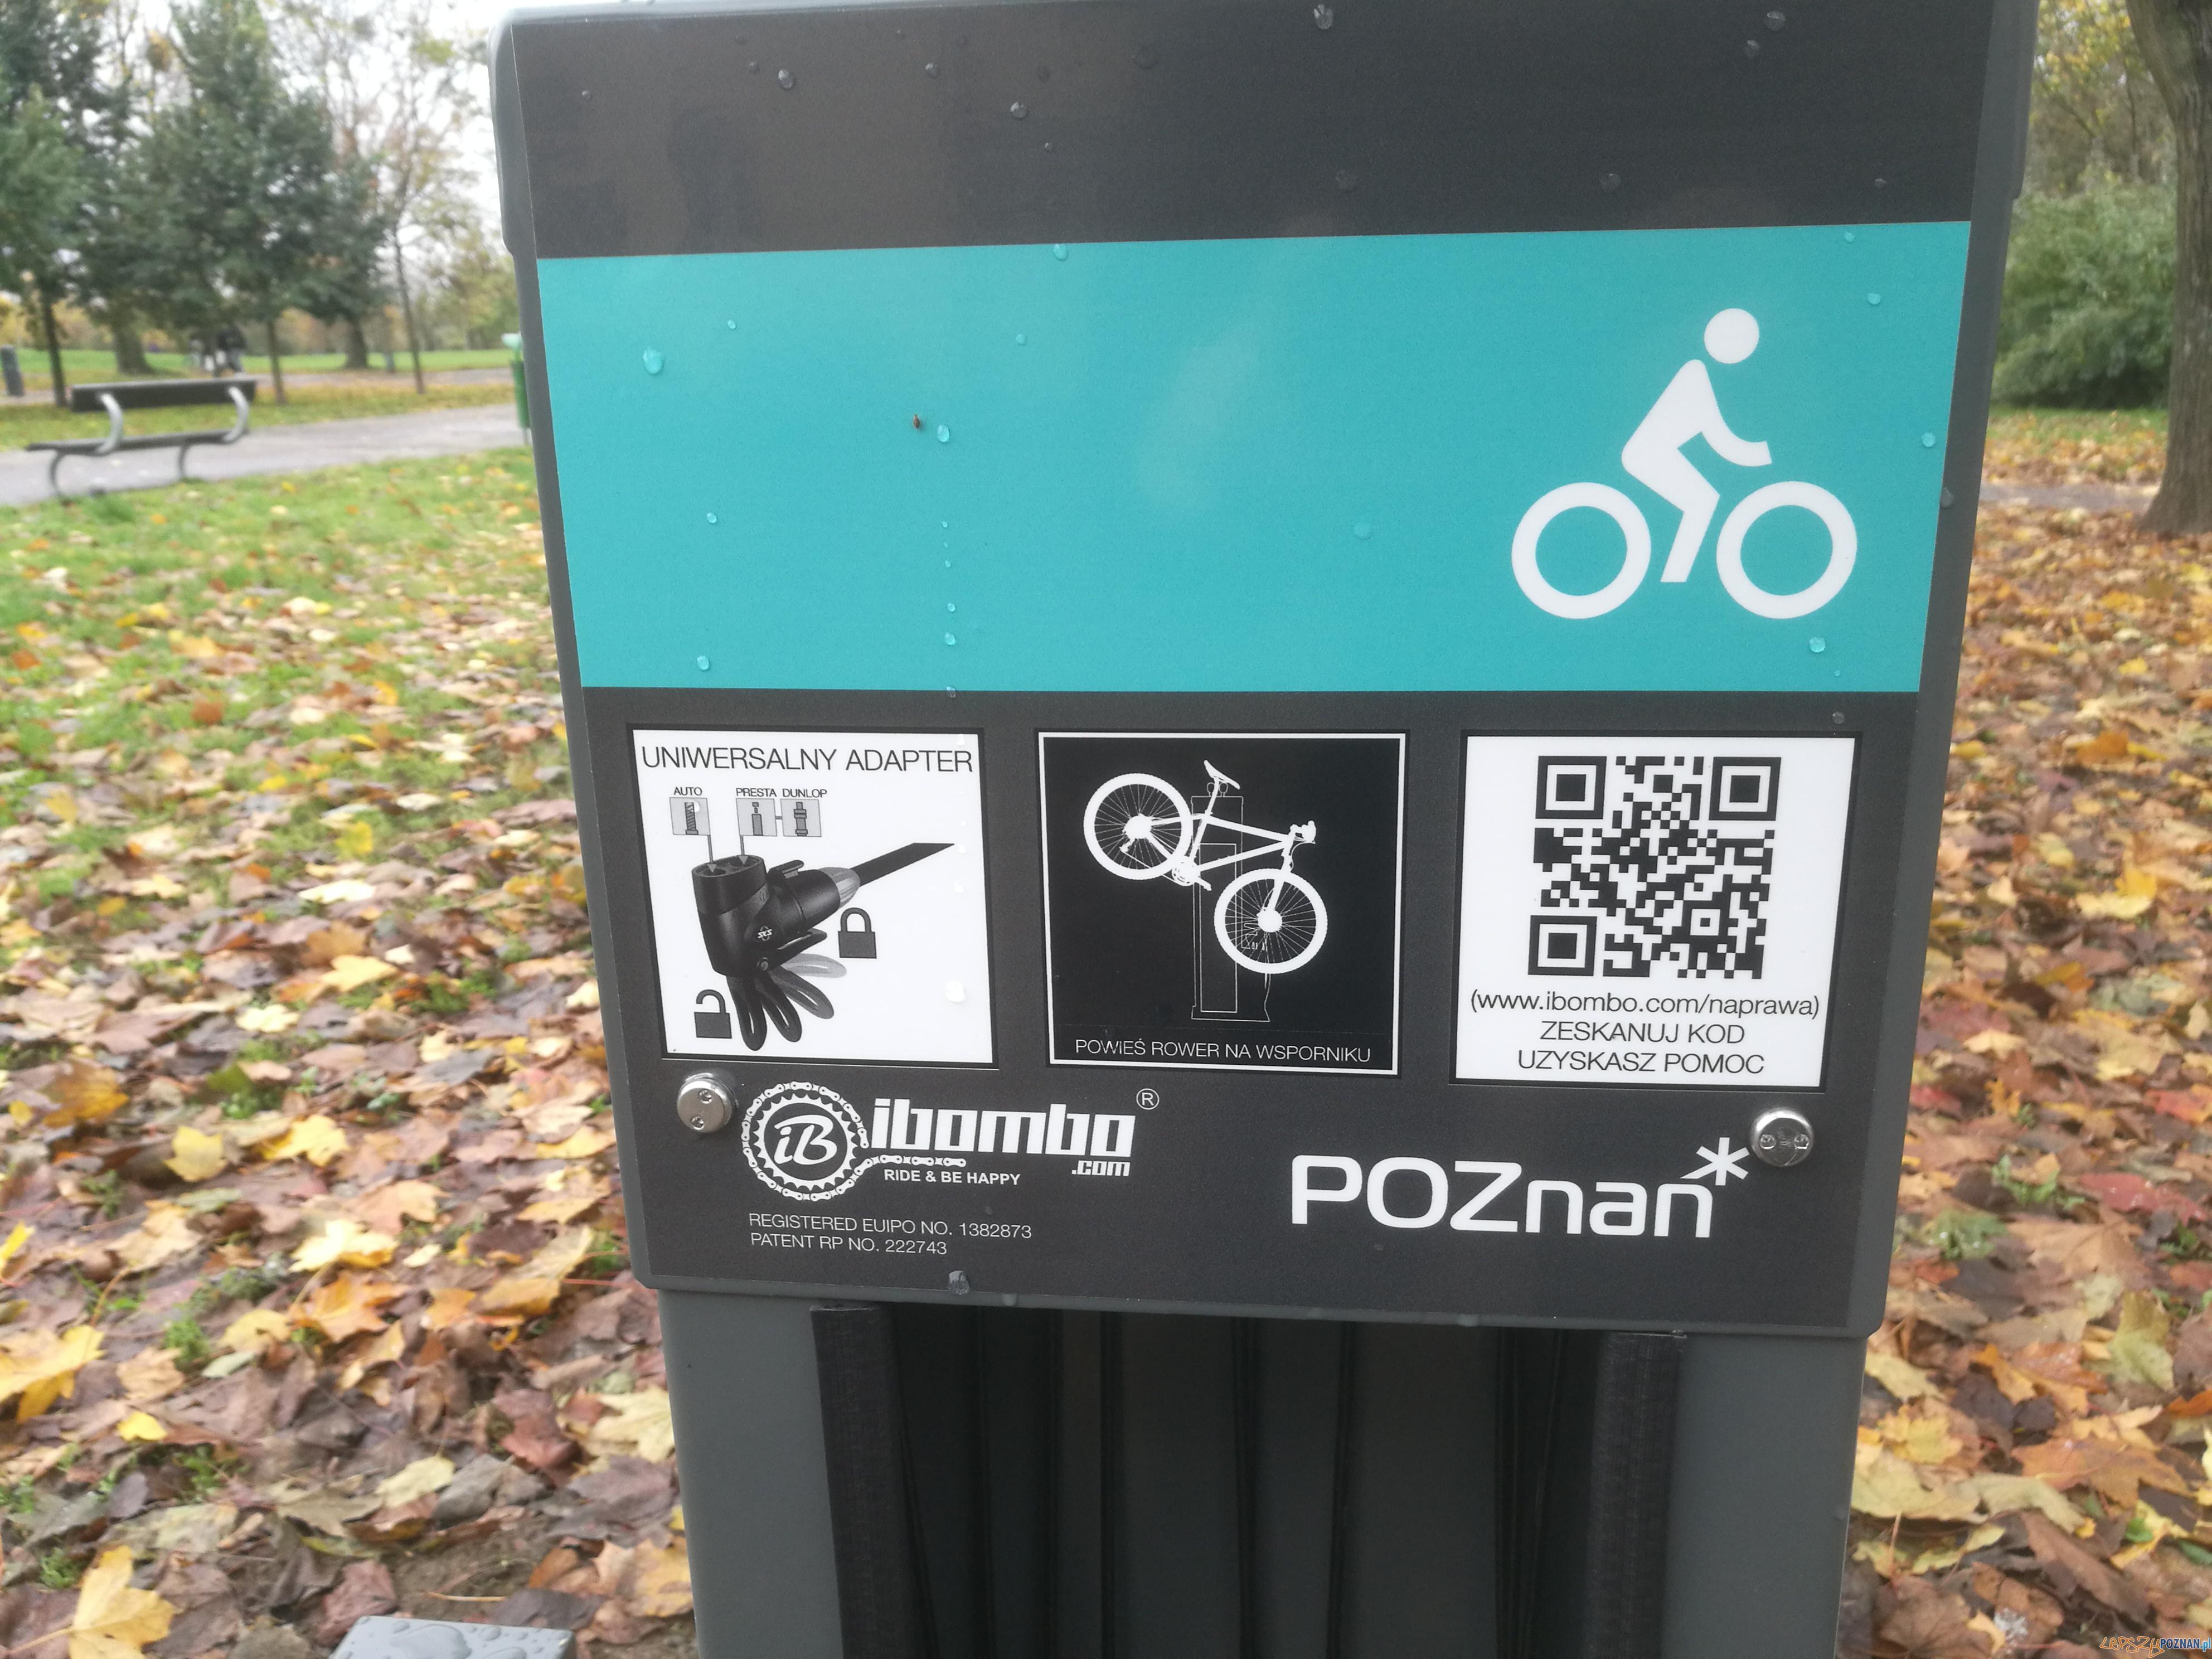 Stacja naprawy rowerów w Parku Kasprowicza - Poznań 28.10.2017 r.  Foto: lepszyPOZNAN.pl / Paweł Rychter